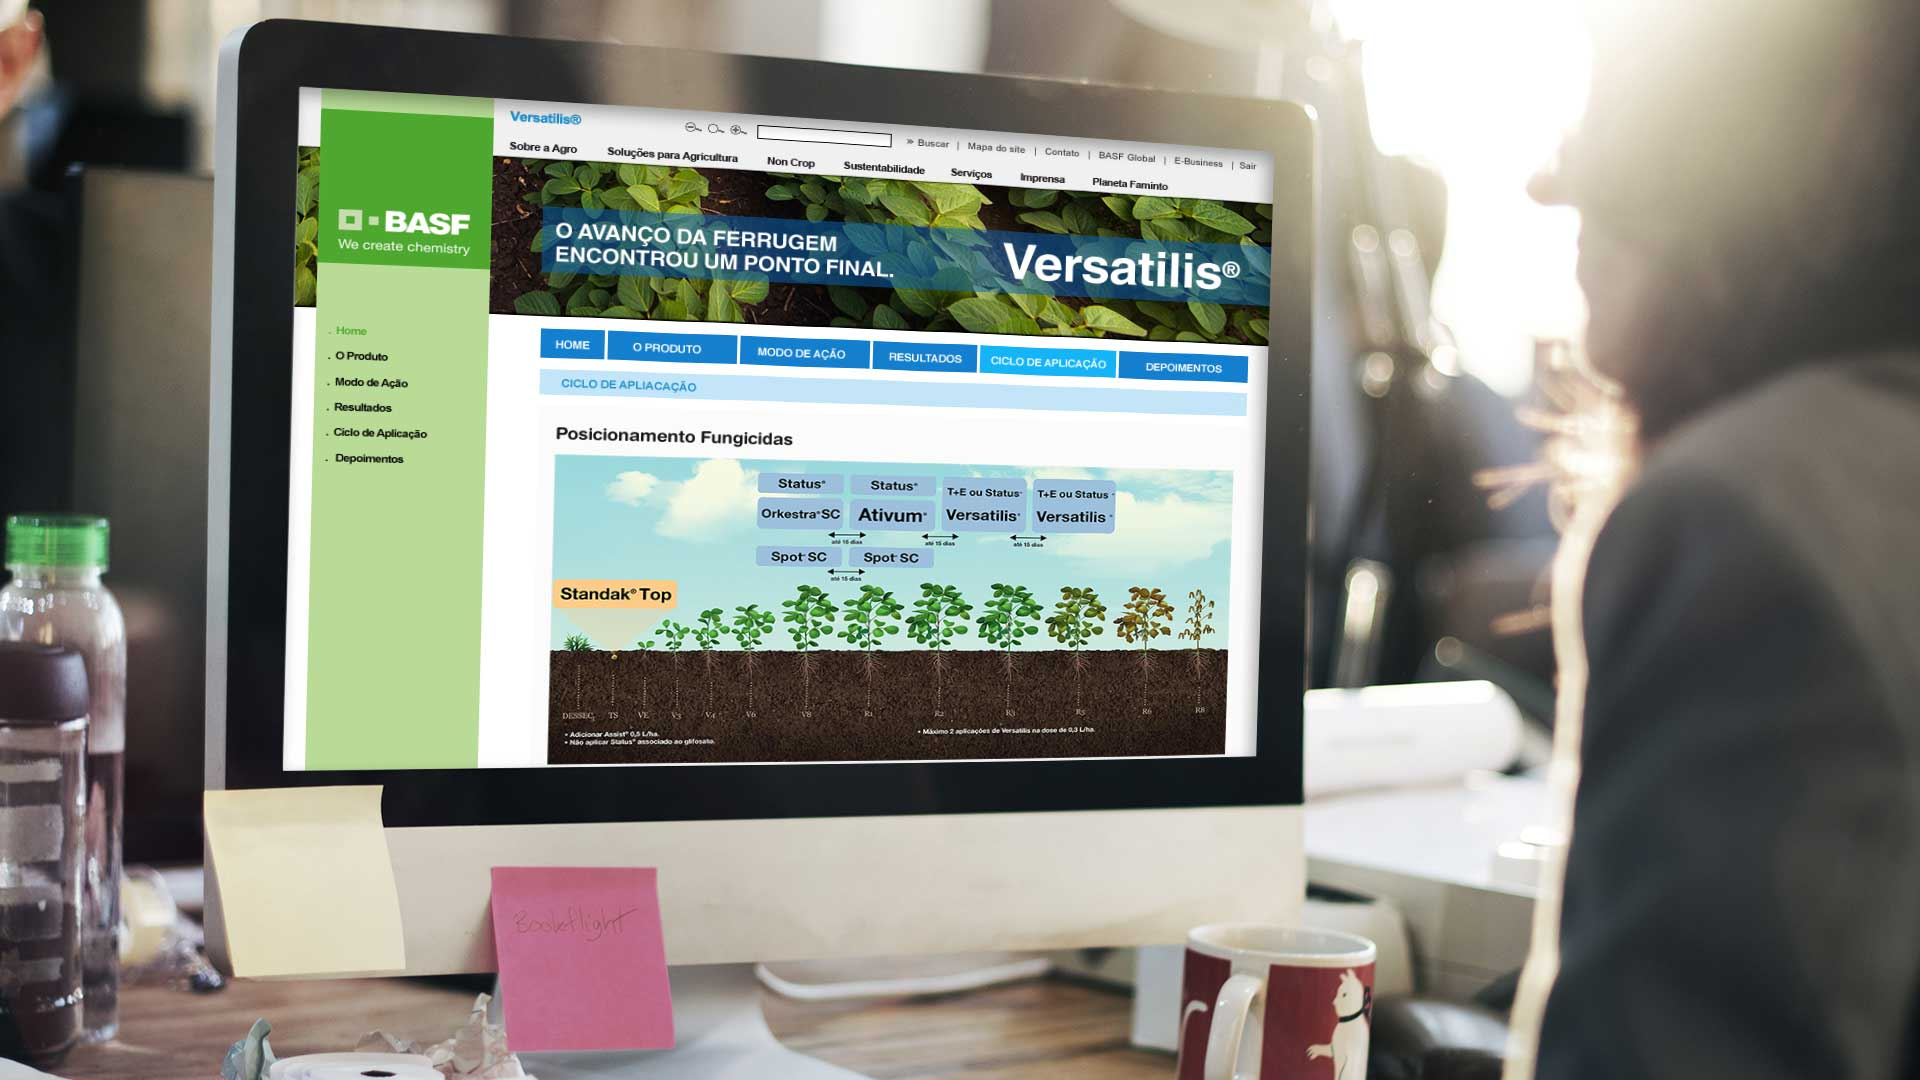 Case BASF: Versatilis